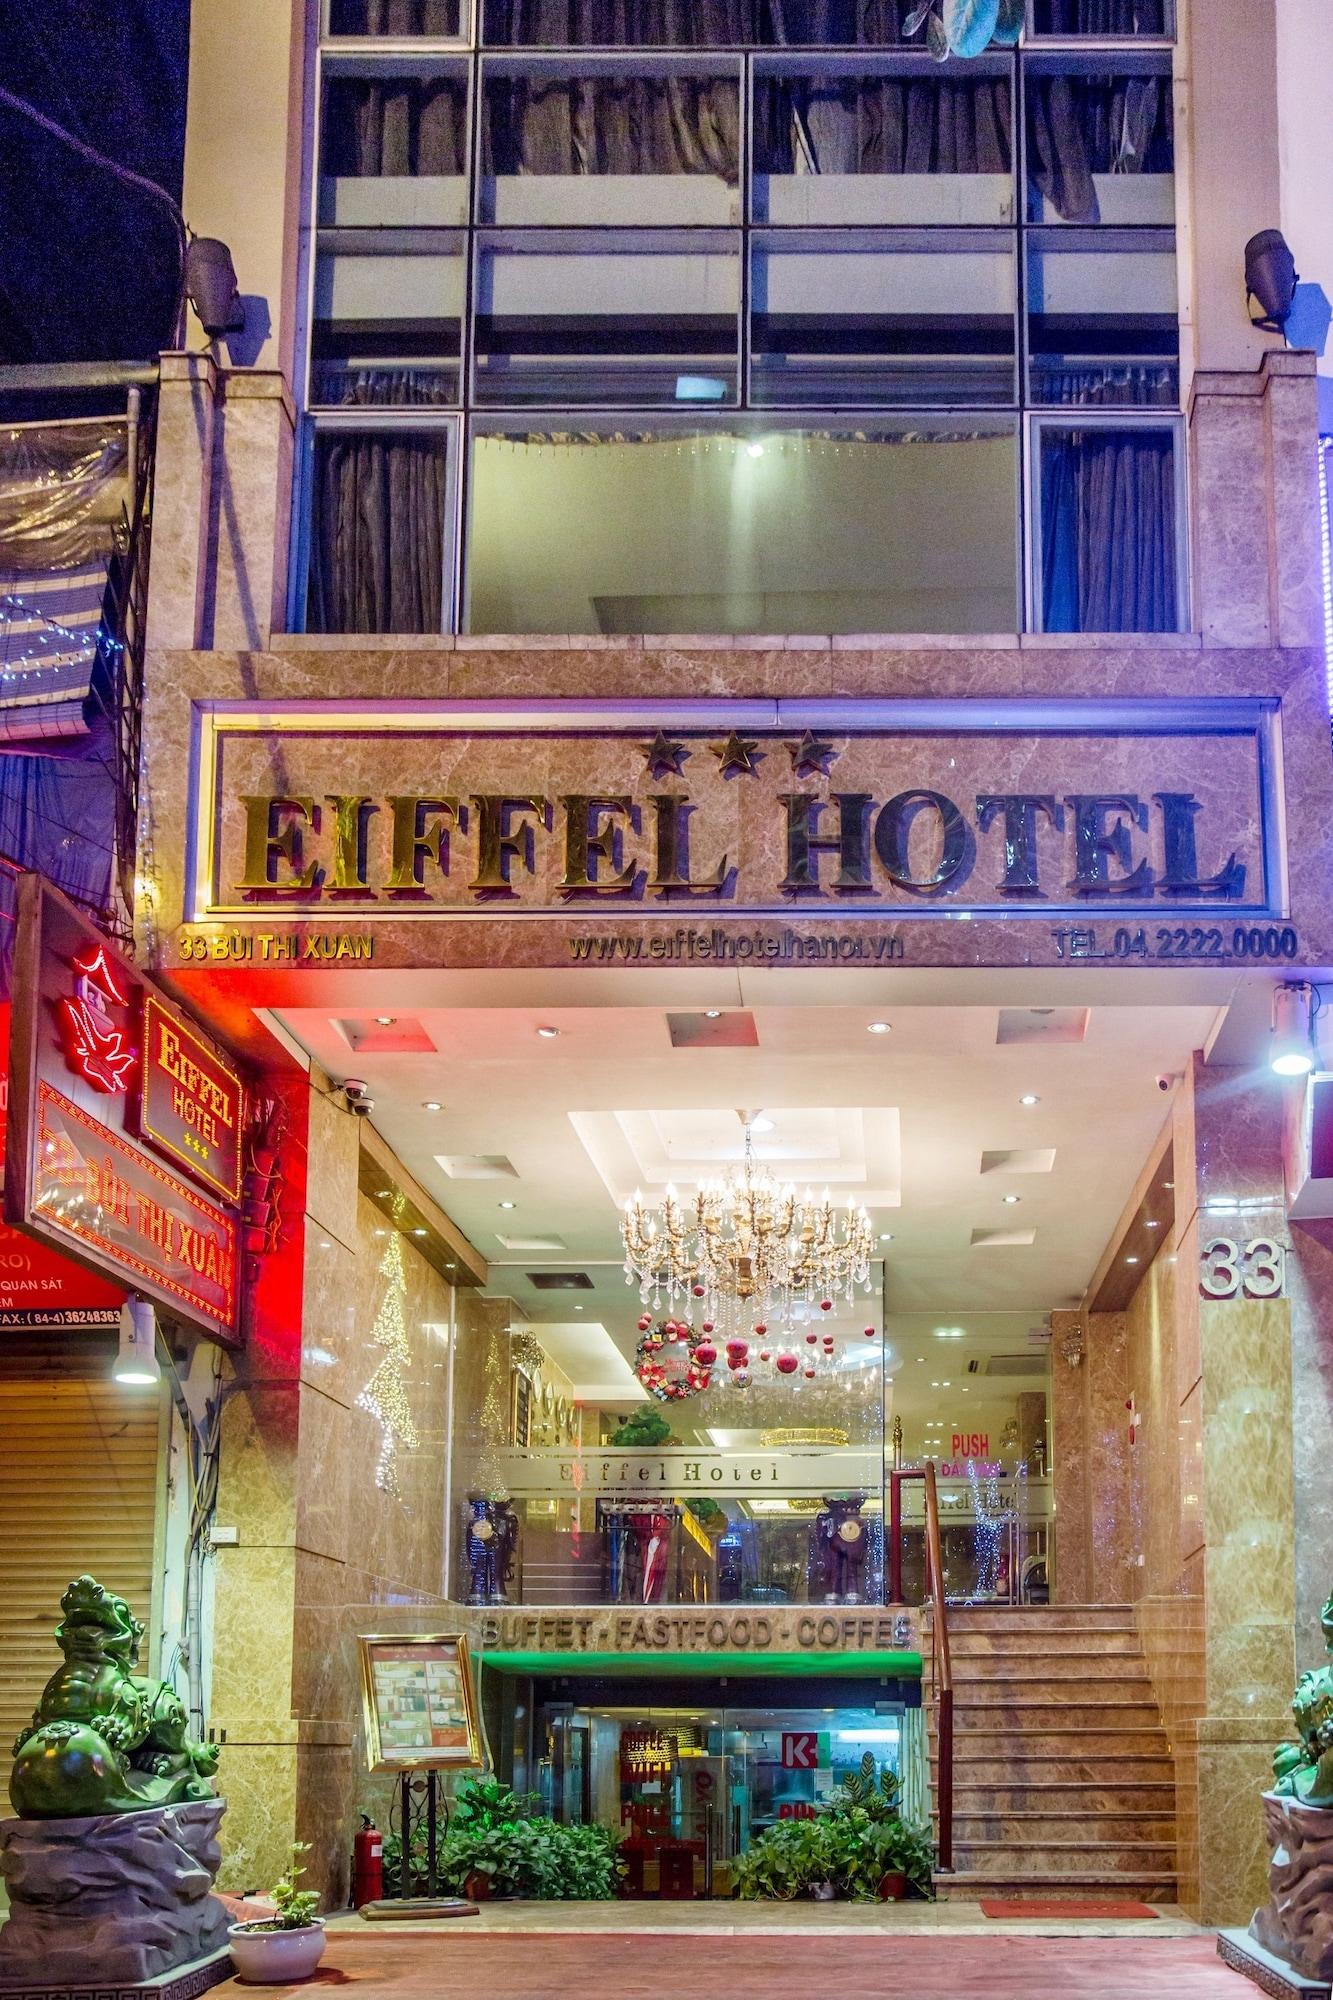 My Hotel - Eiffel Hotel, Hai Bà Trưng